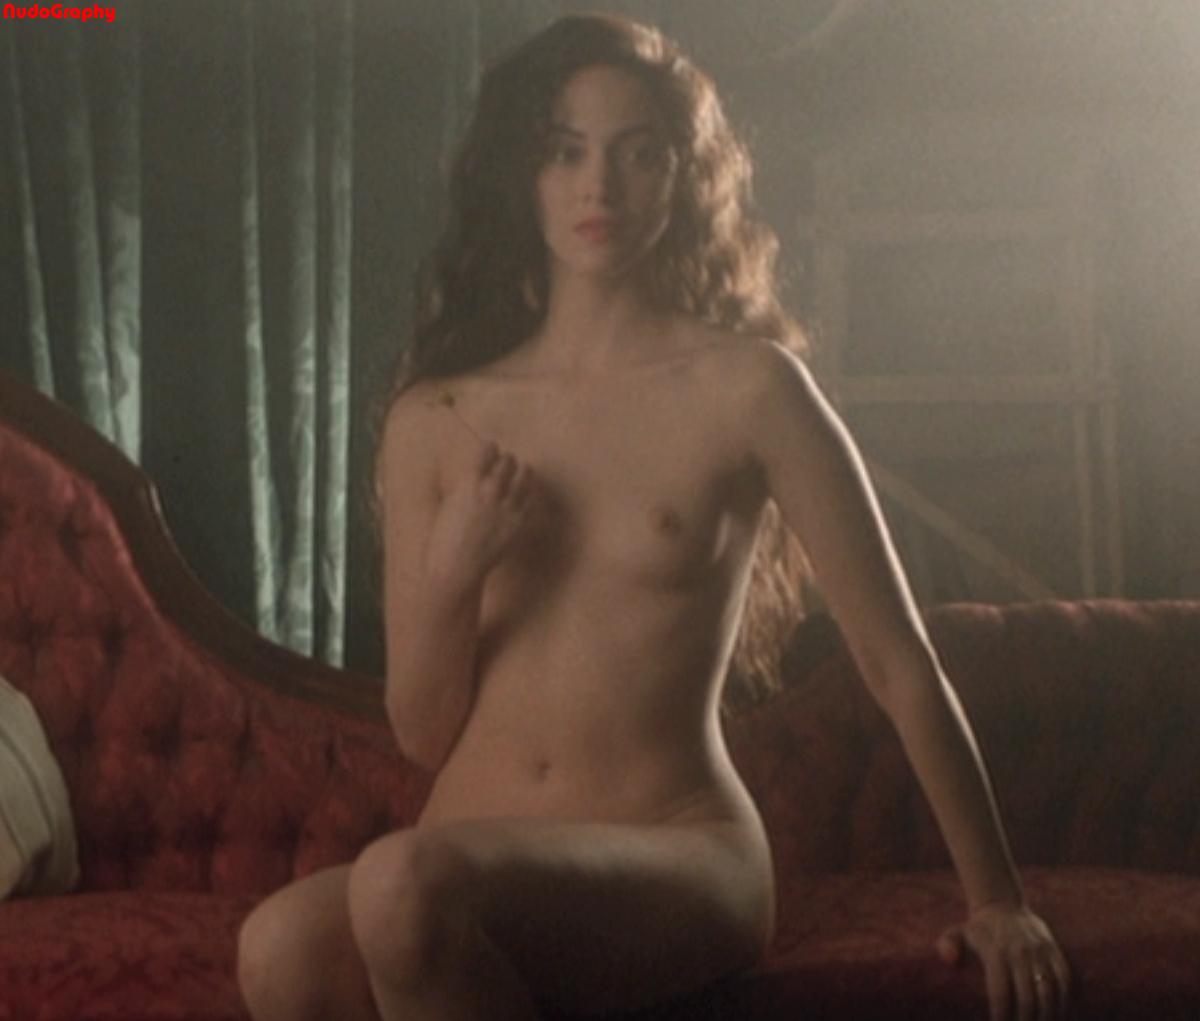 Short chubby girl naked